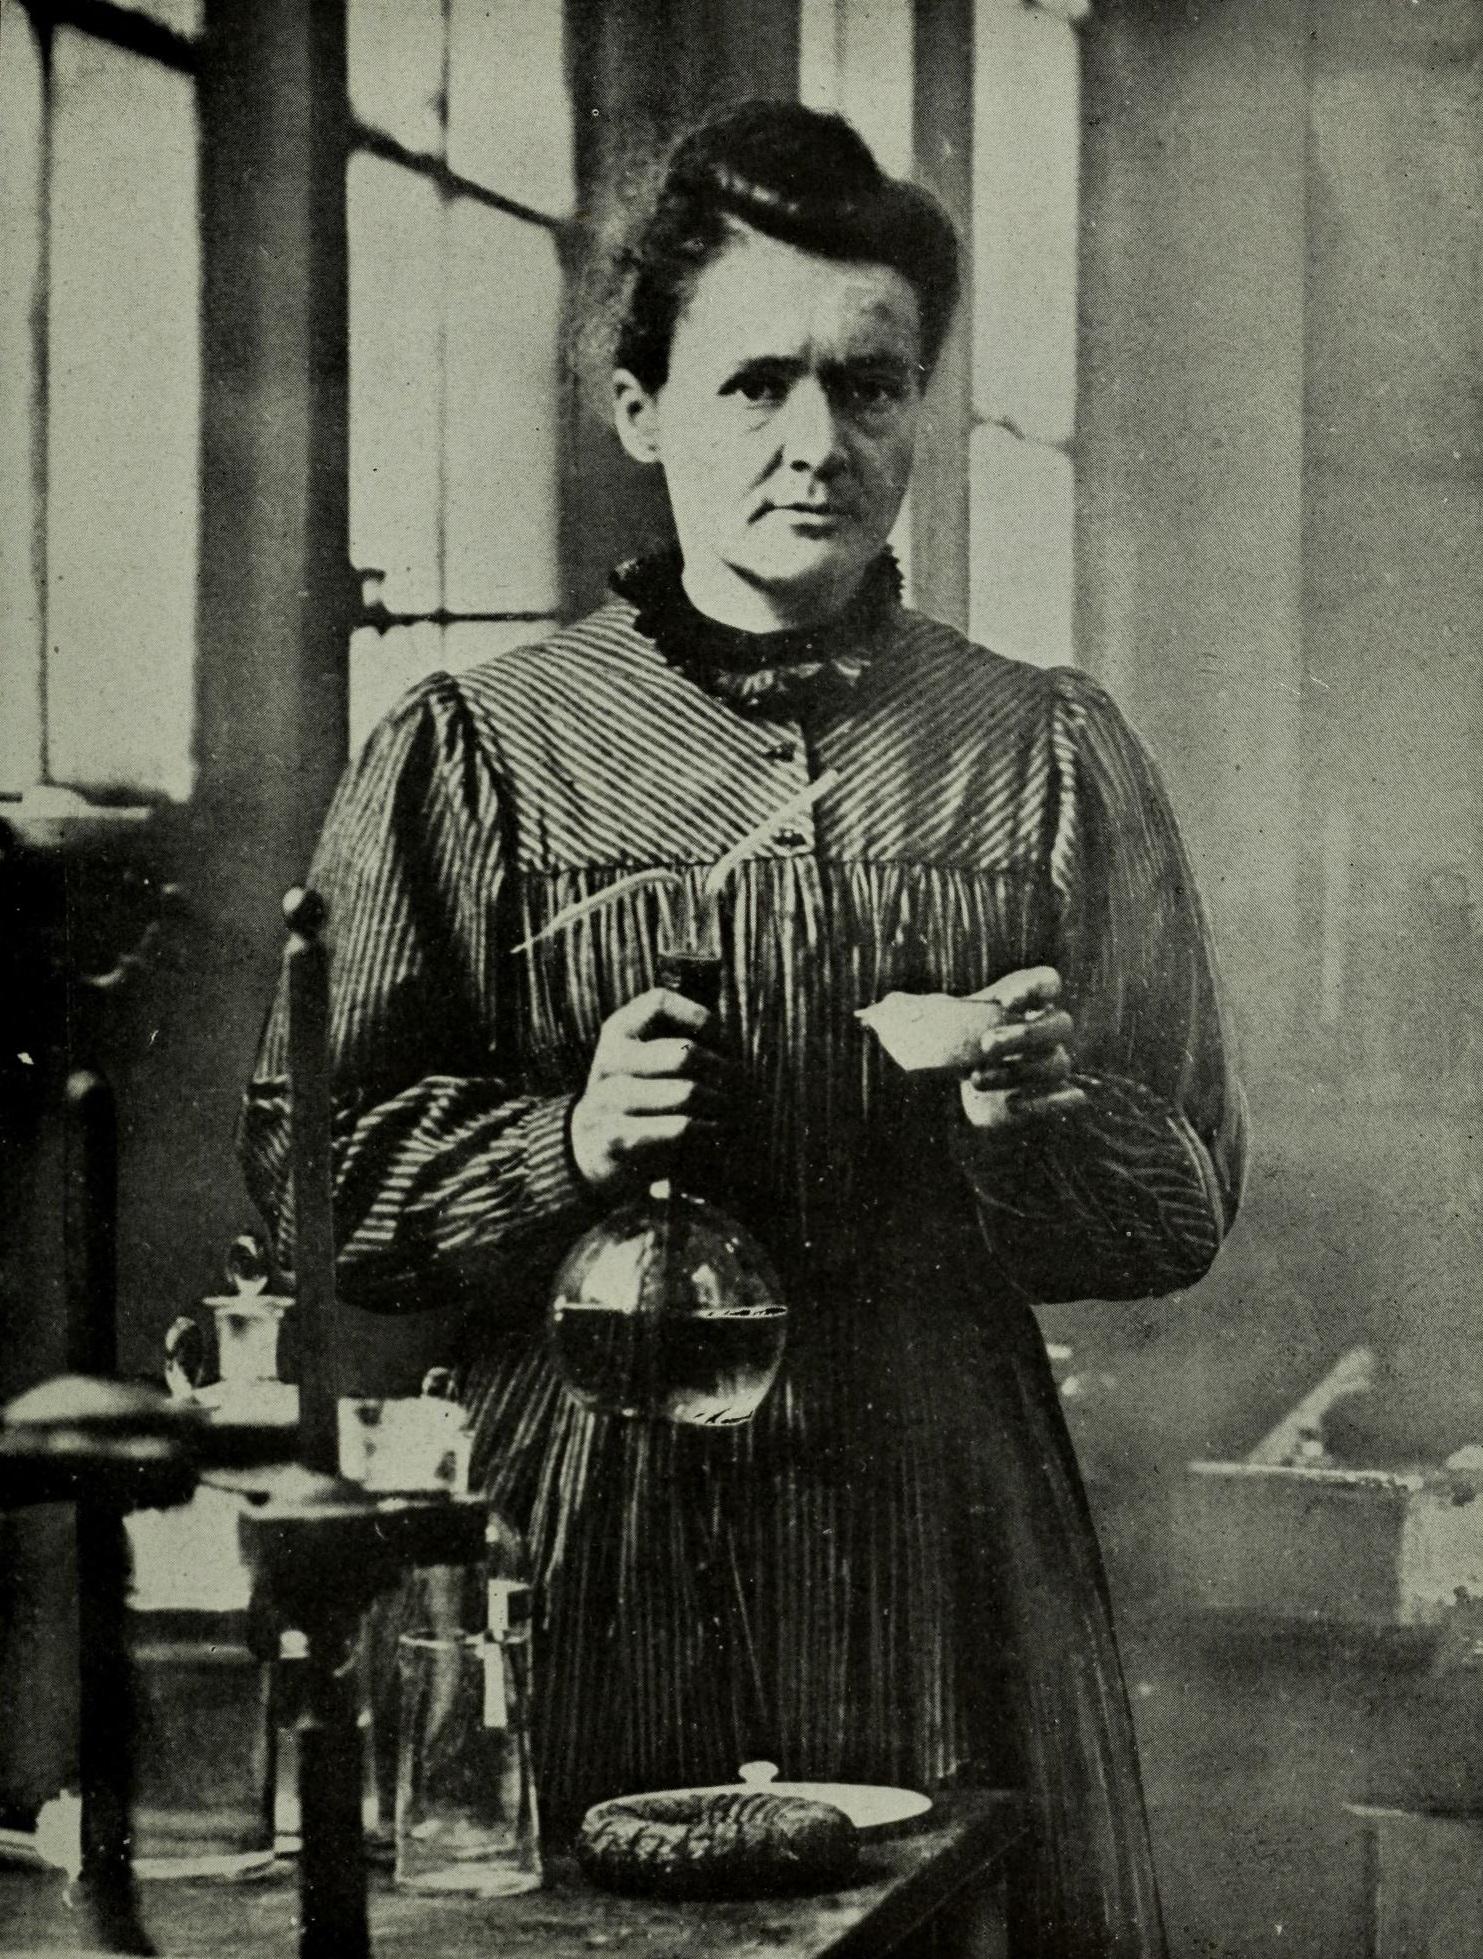 Marie Curie | [public domain]